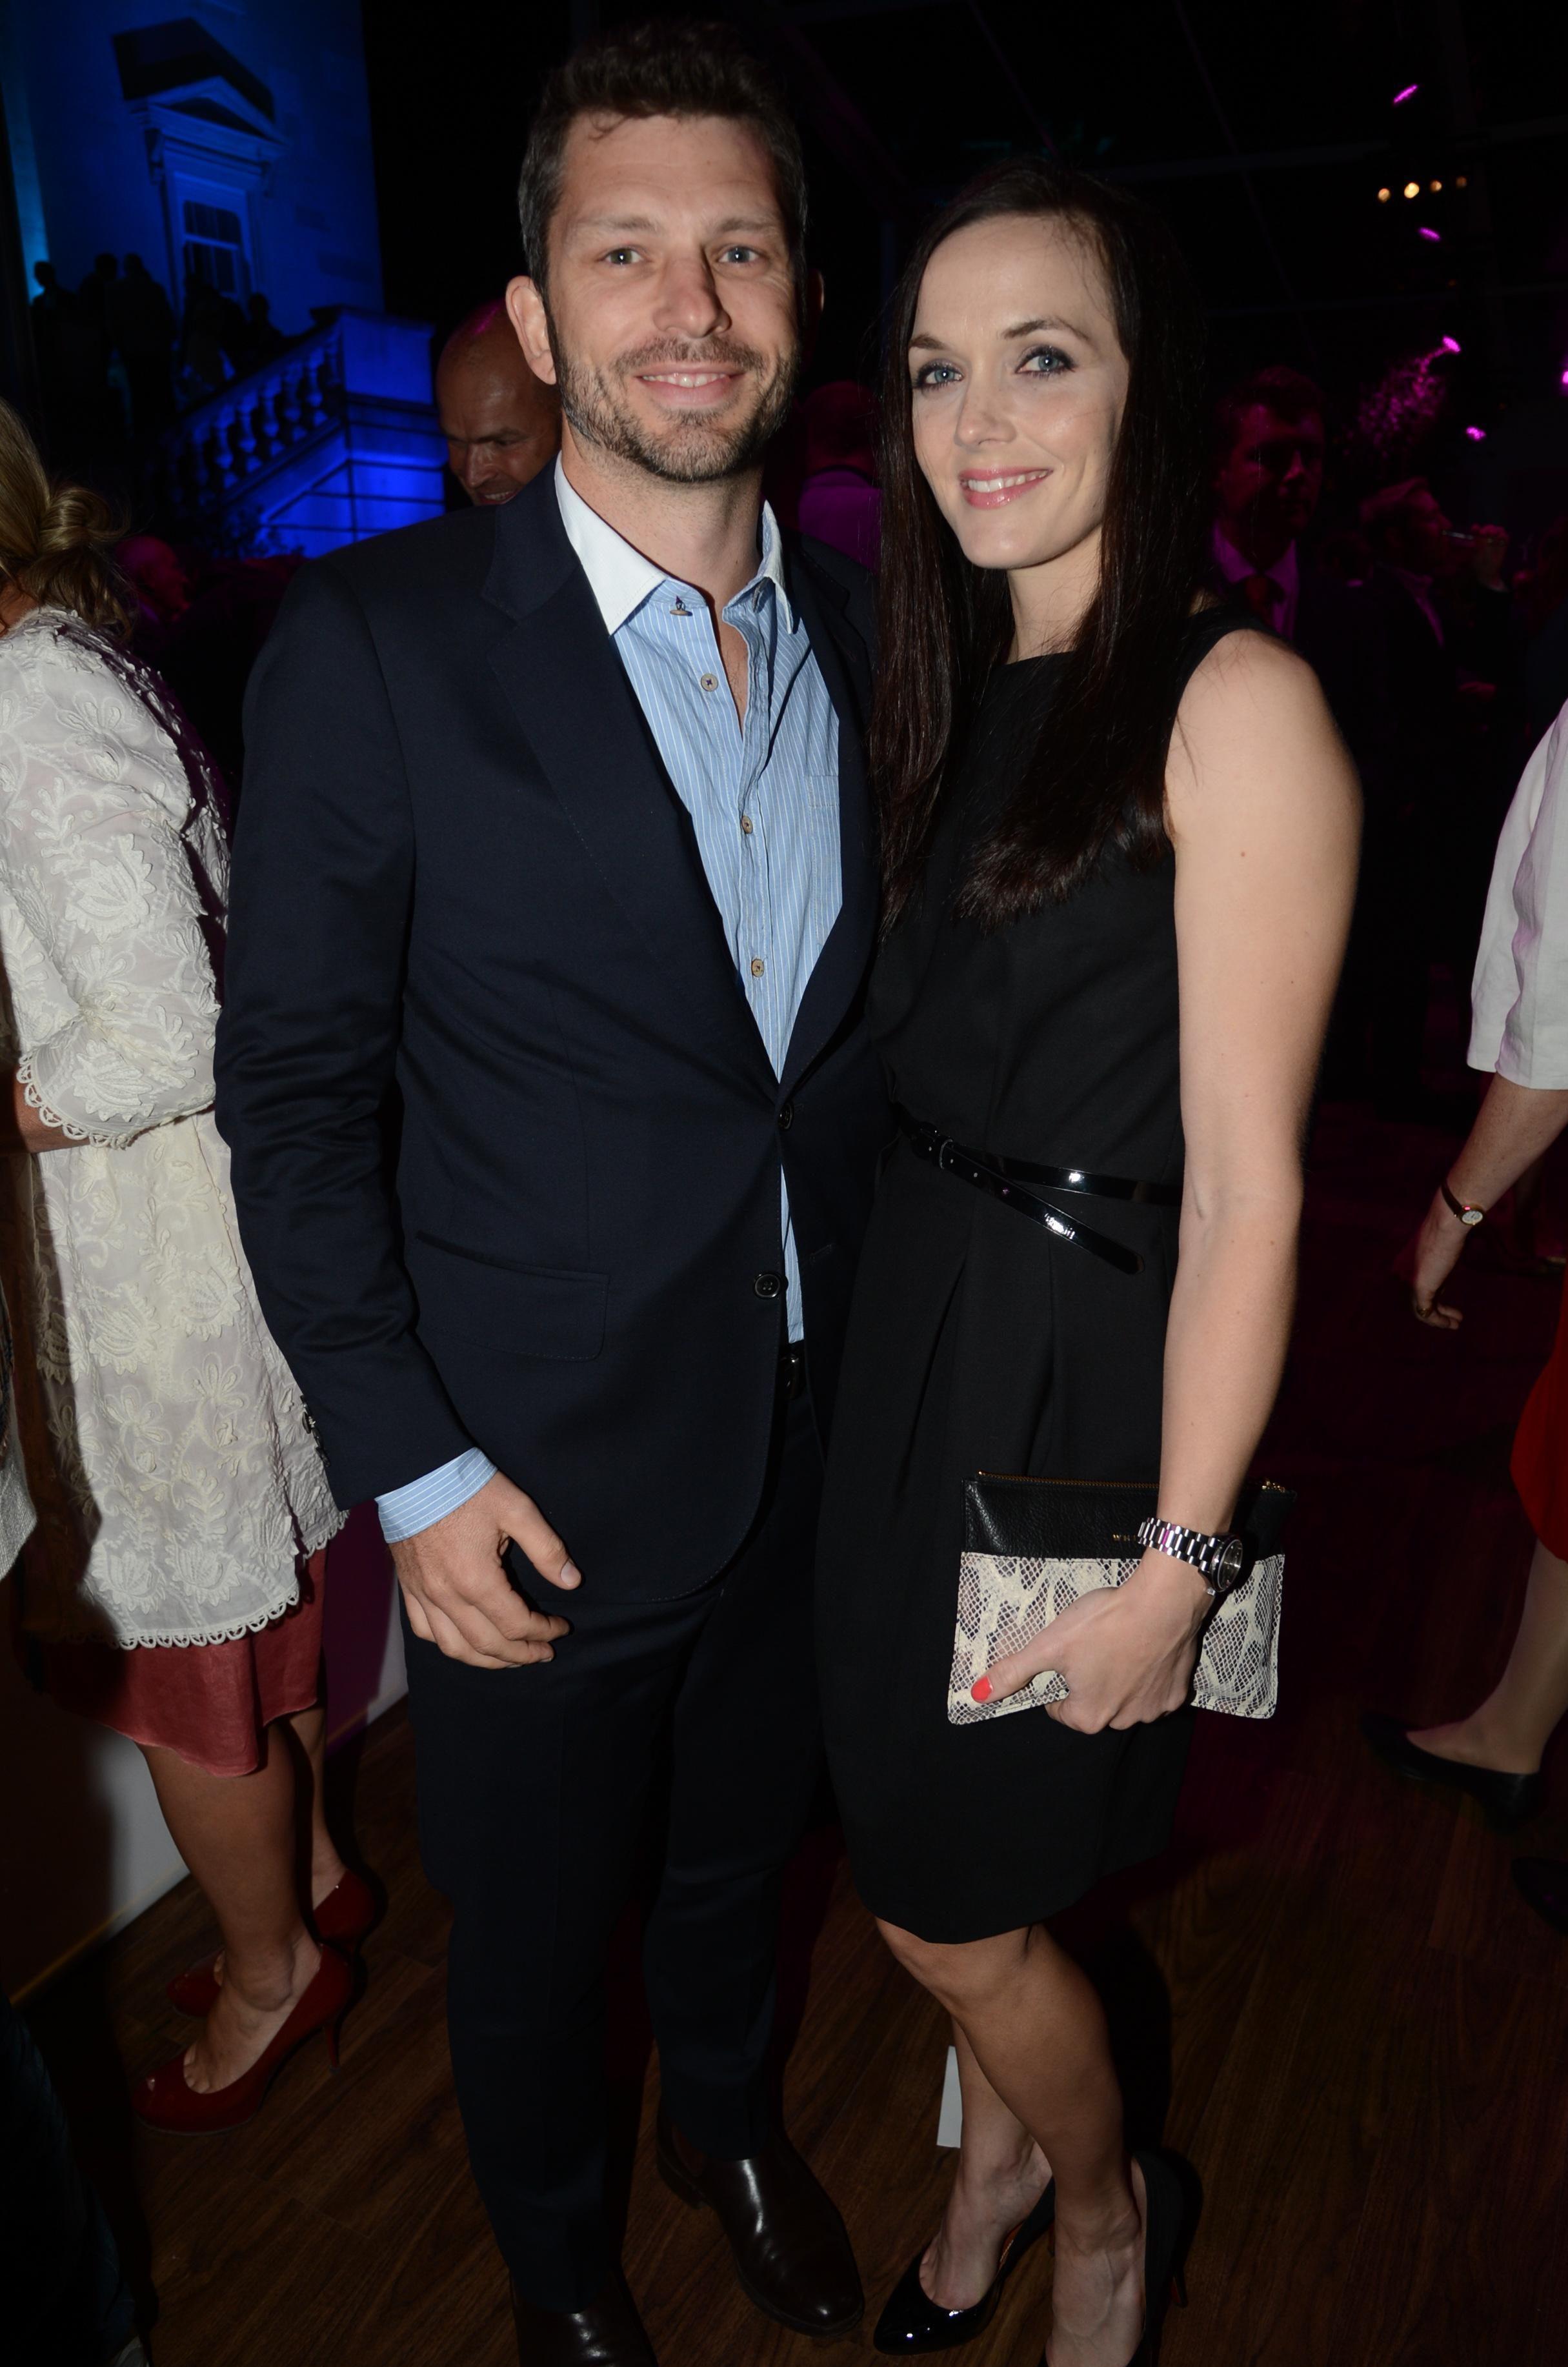 Victoria with her husband Scott Gardner